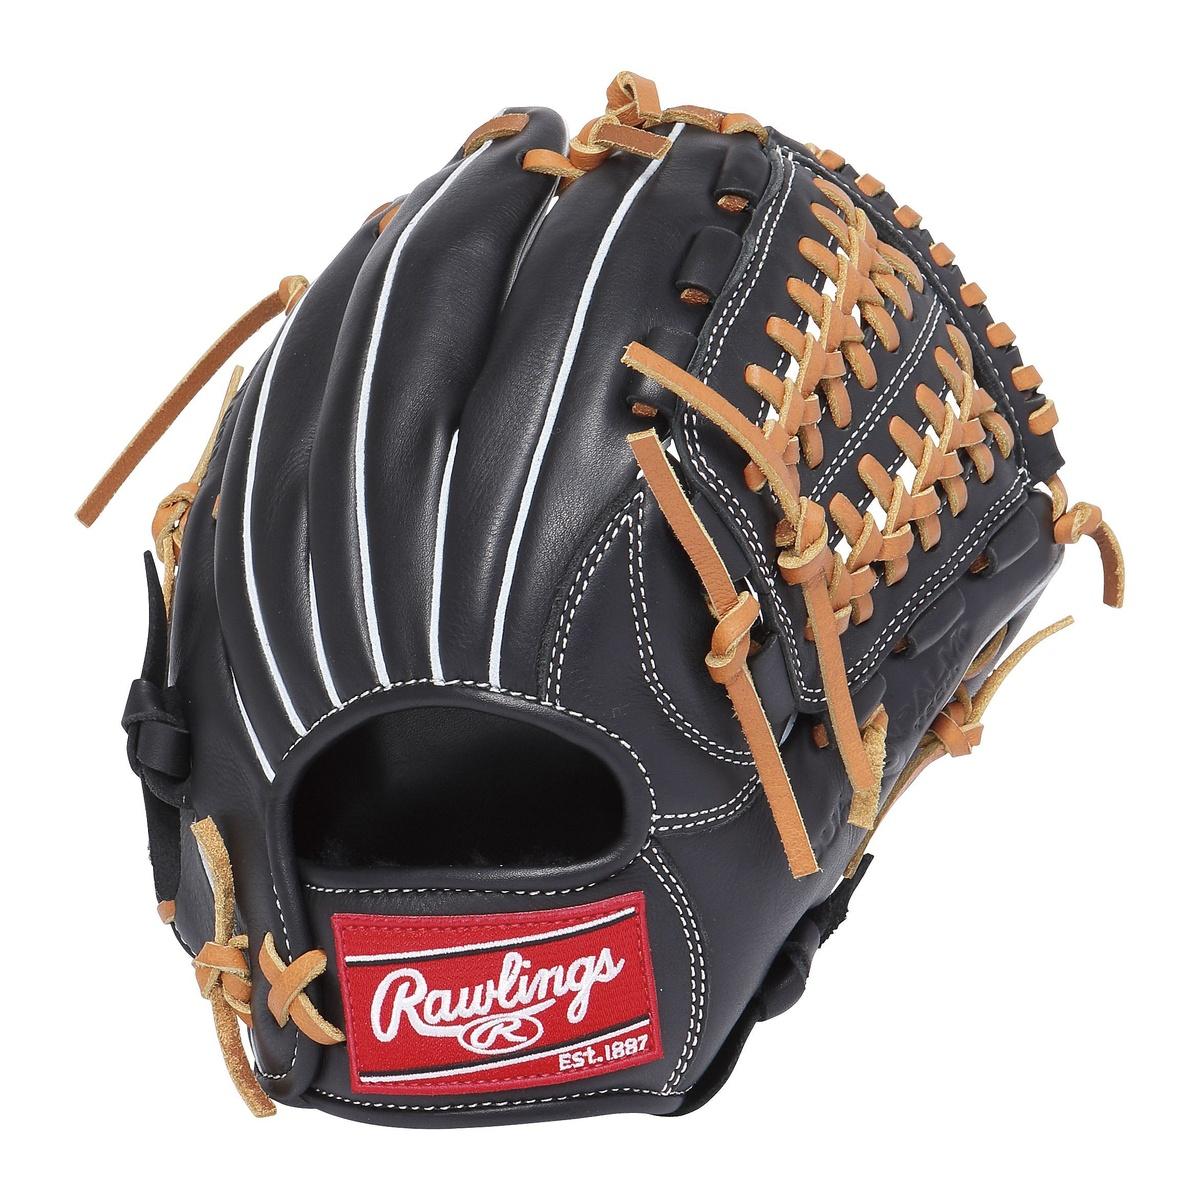 【送料無料】 Rawlings (ローリングス) 野球 少年軟式グローブ JR.ナンシキ ゲーマー レザー 110-B ブラック GJ7FG110